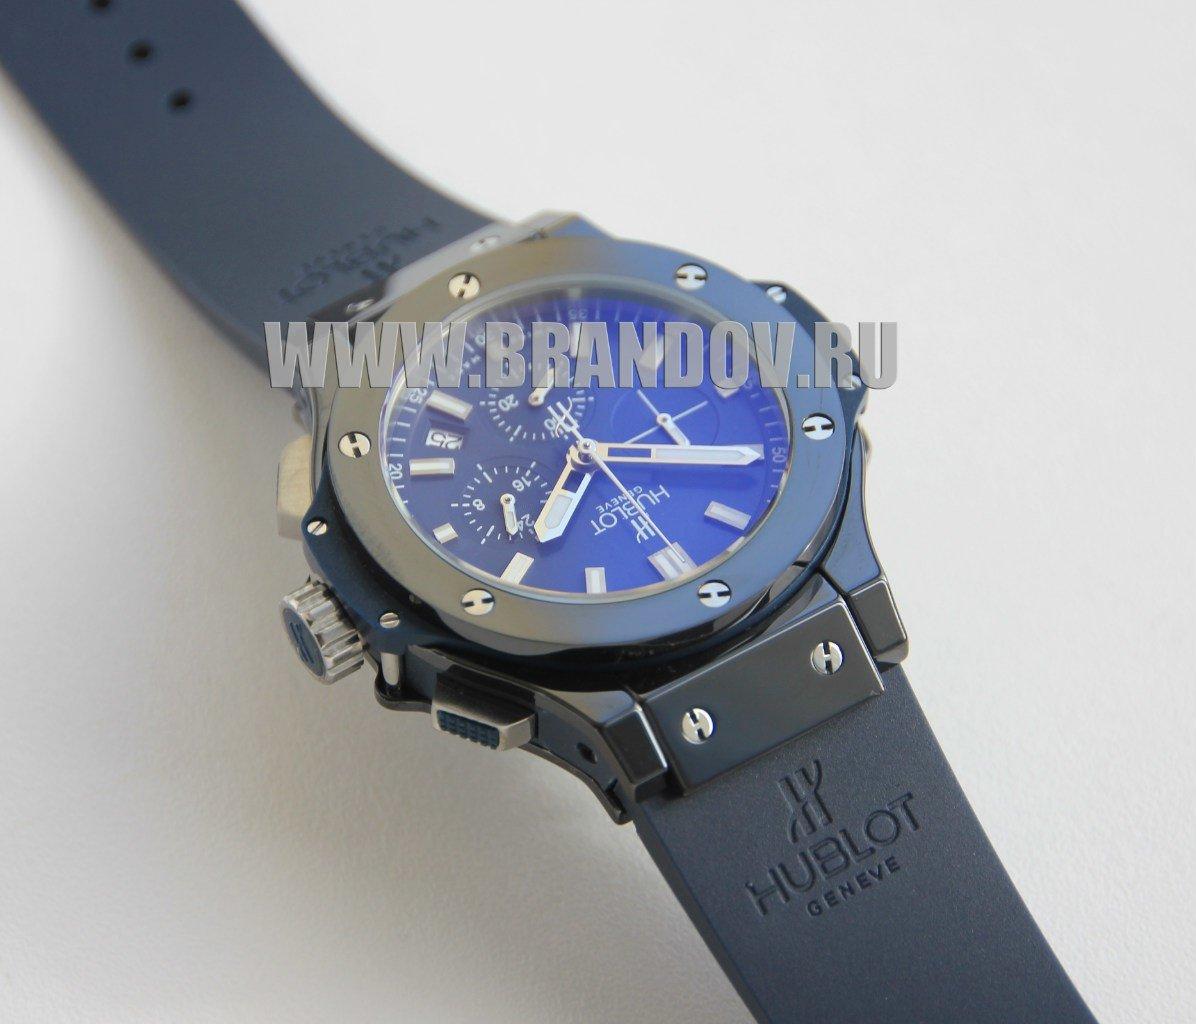 61cc322a4e01 Часы Hublot Geneva. Отзывы о Наручные часы Подробности... http   bit ...